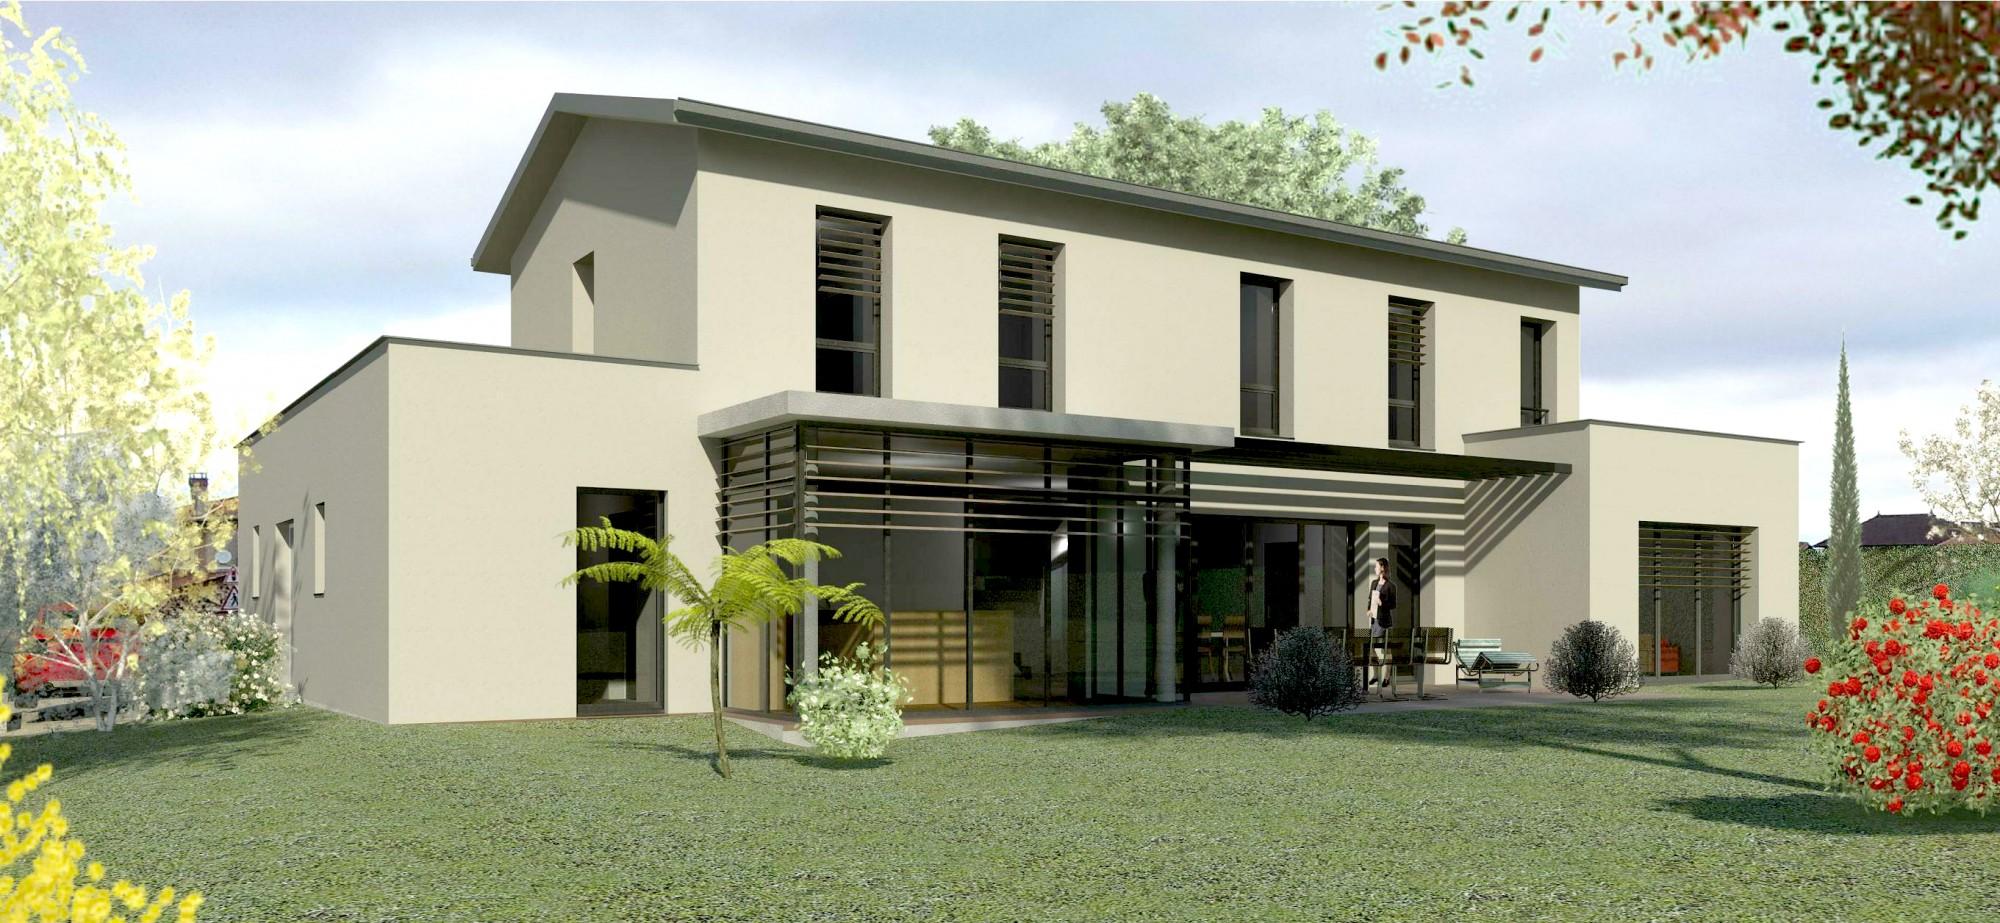 Projet en cours de livraison d 39 une maison semi for Projet maison moderne